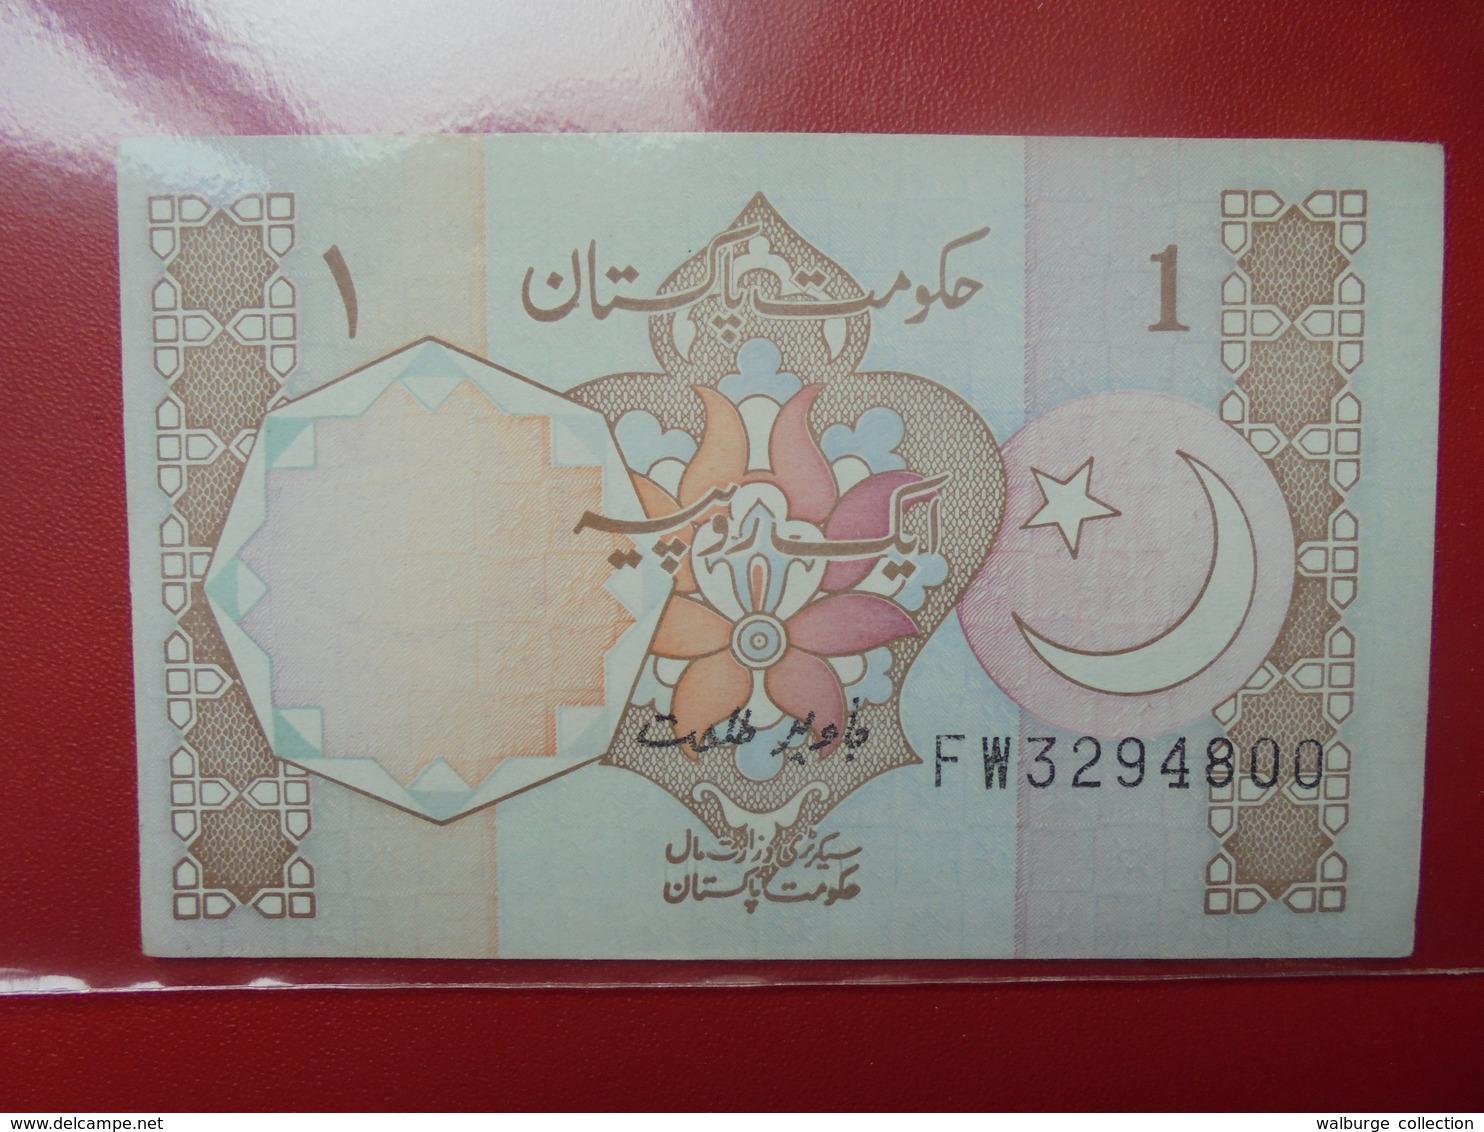 PAKISTAN 1 RUPEE 1981-82 PEU CIRCULER/NEUF - Pakistan